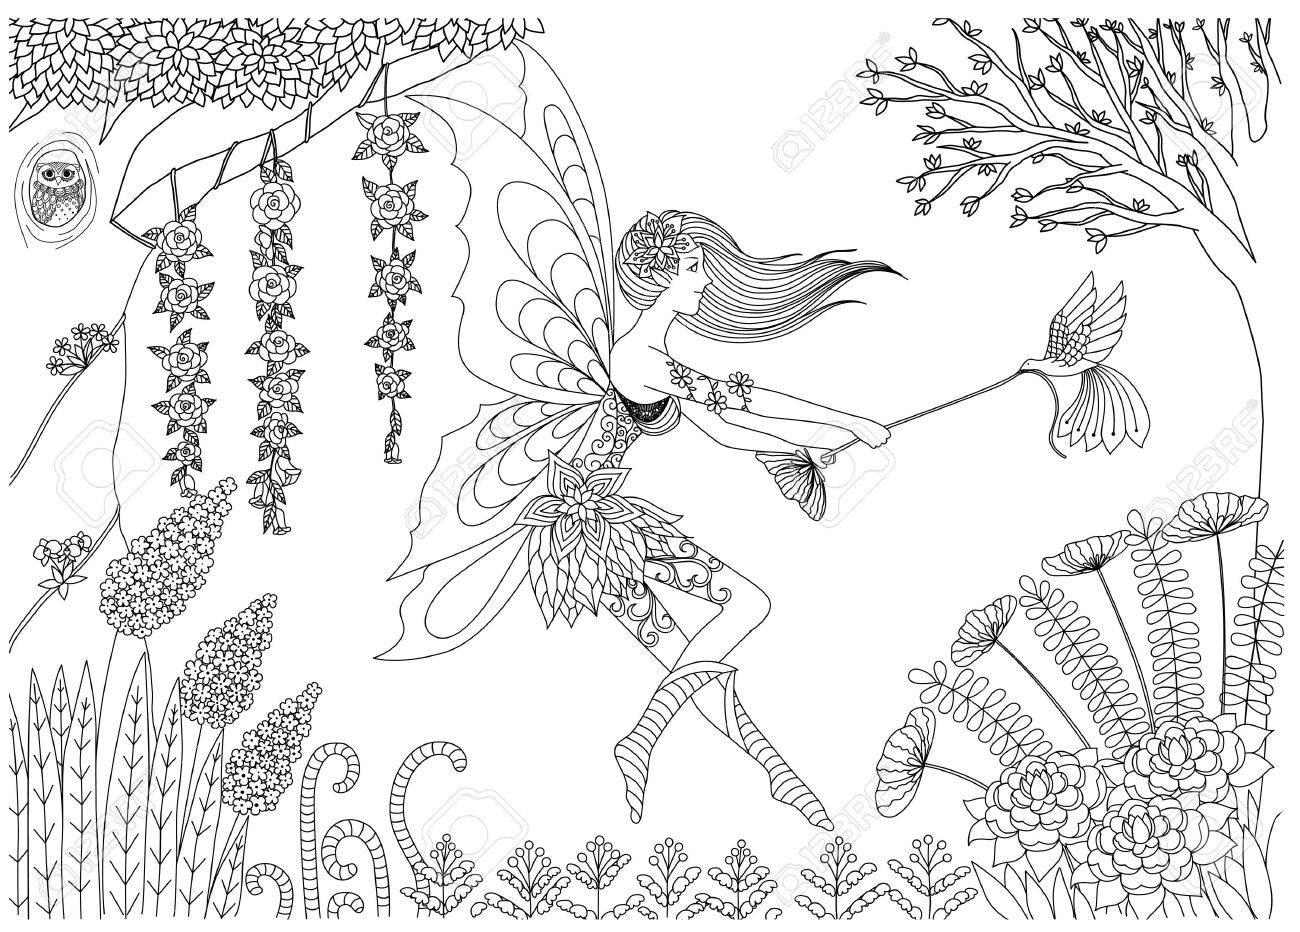 妖精が大人用の塗り絵のフォレスト設計における鳥と遊んでいますの